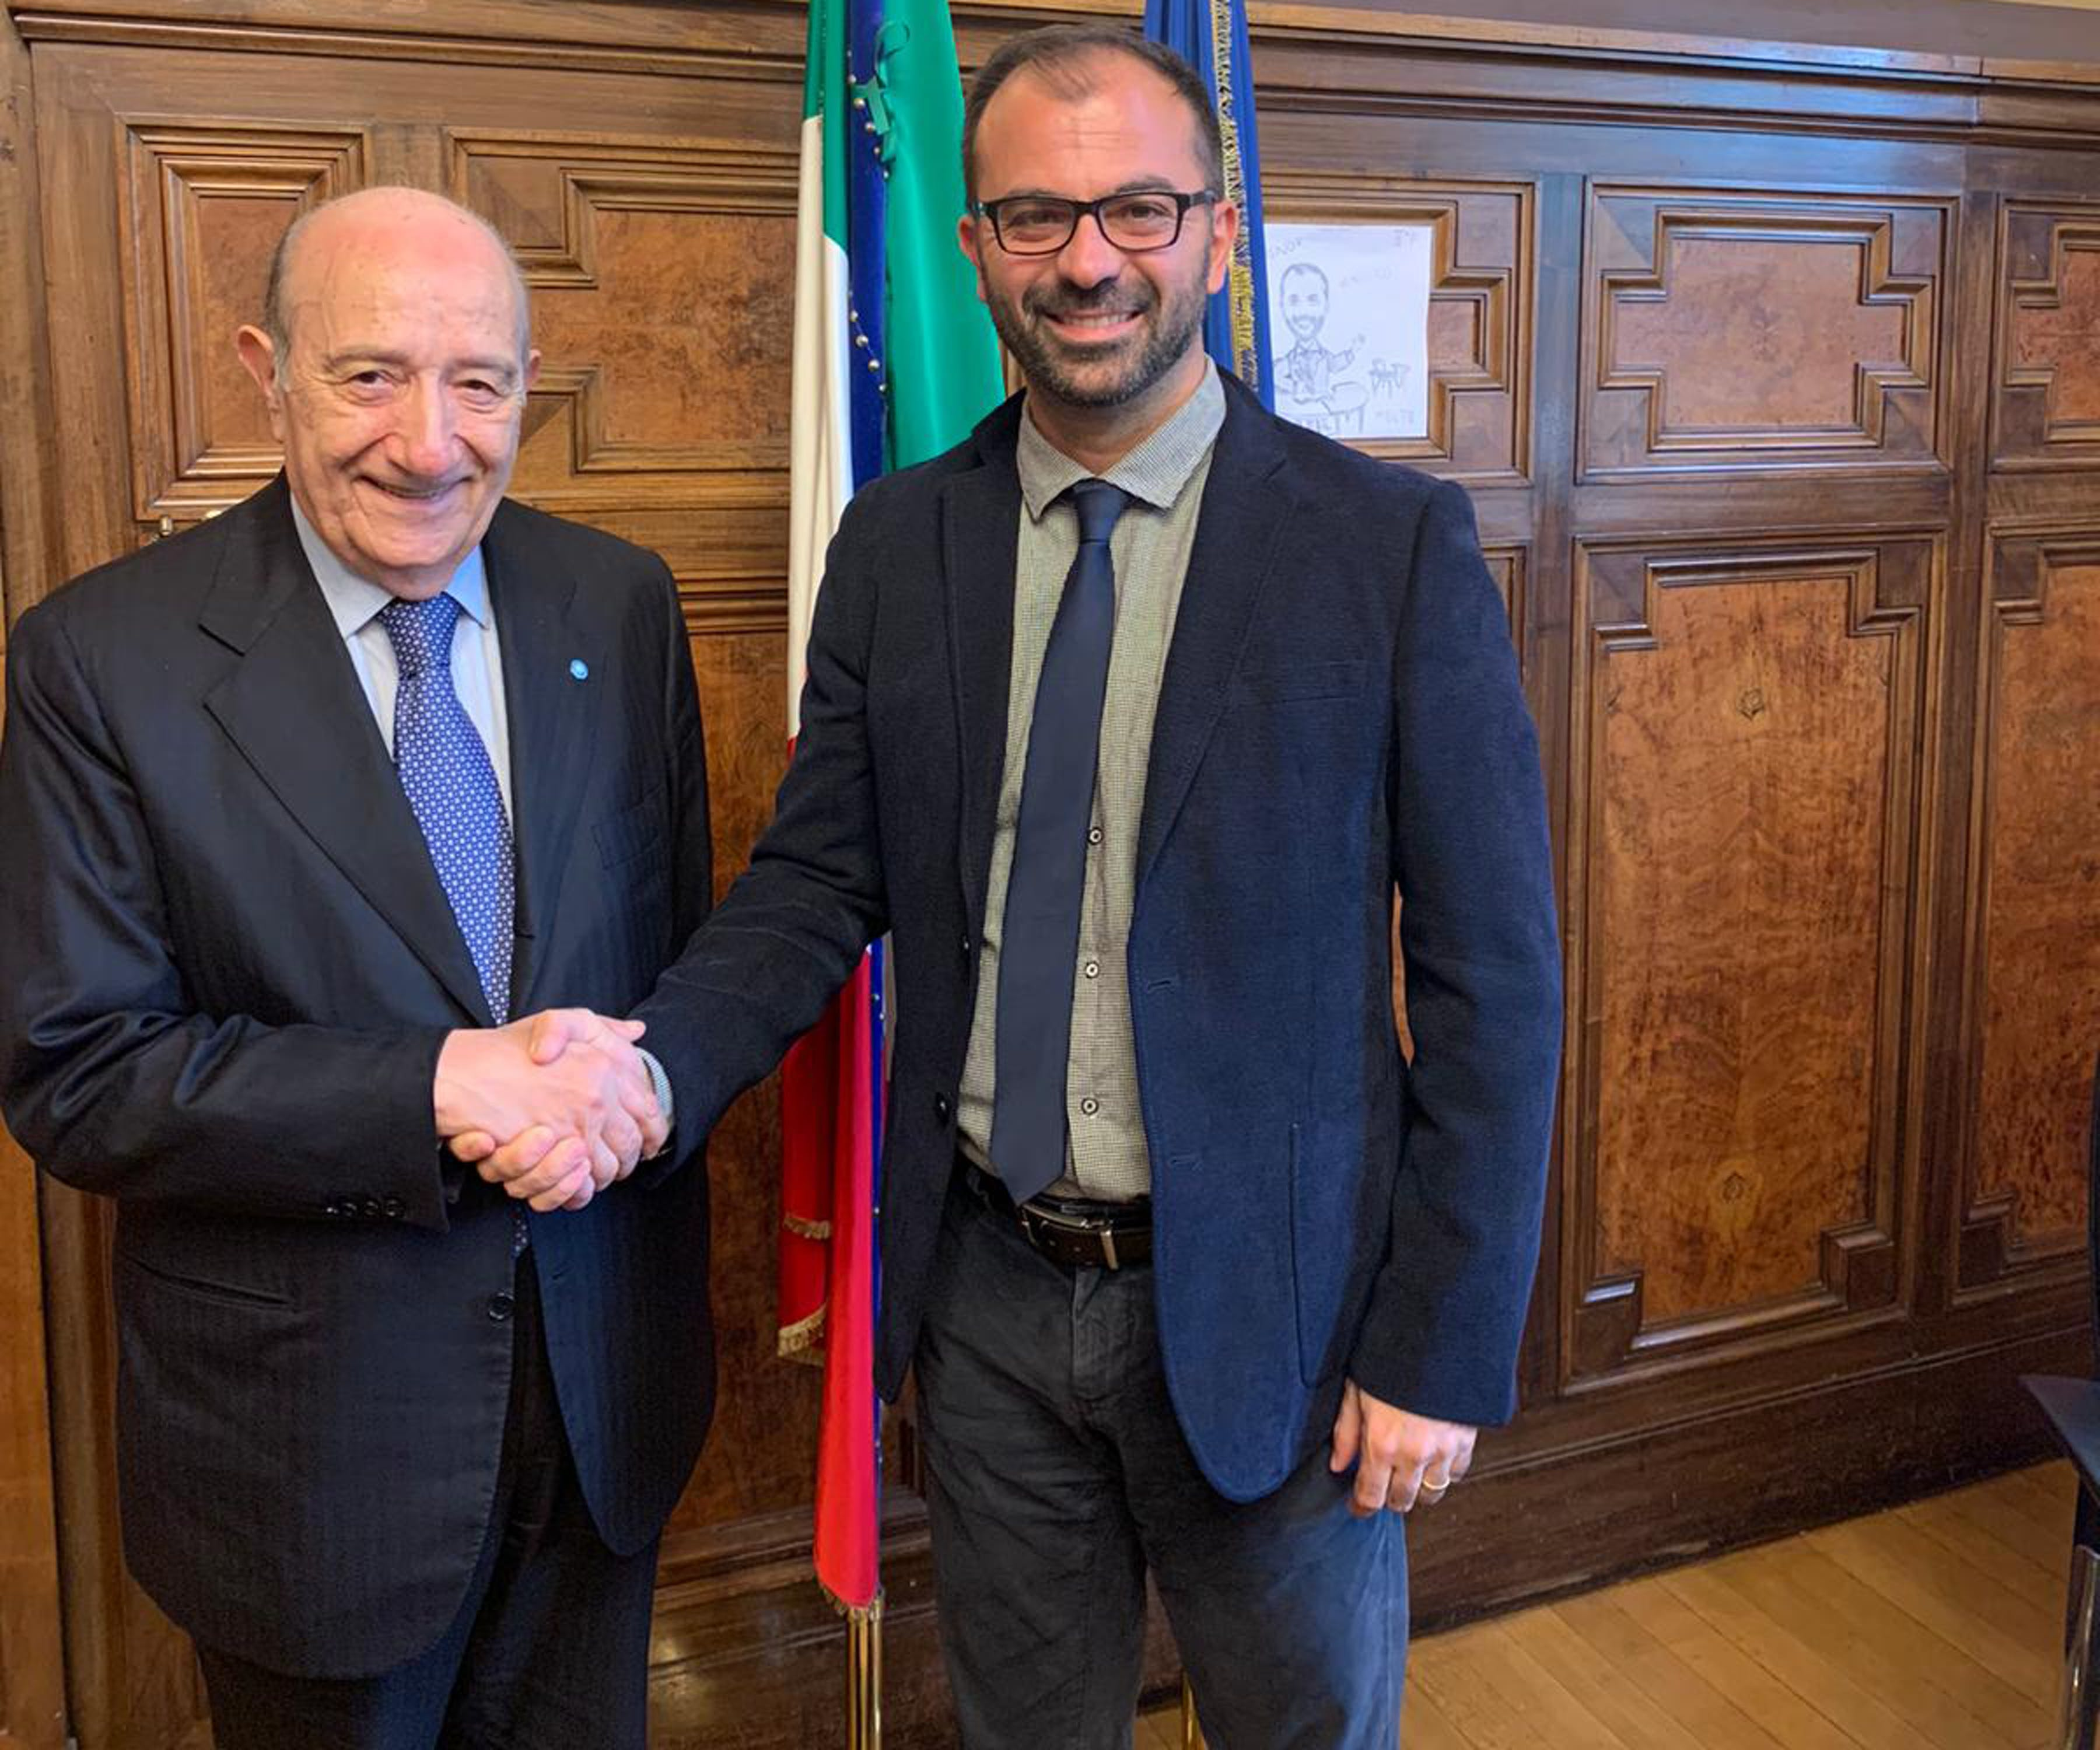 La stretta di mano tra il  presidente dell'UNICEF Italia Francesco Samengo  e il Ministro dell'Istruzione, Univerisità e Ricerca Lorenzo Fioramonti